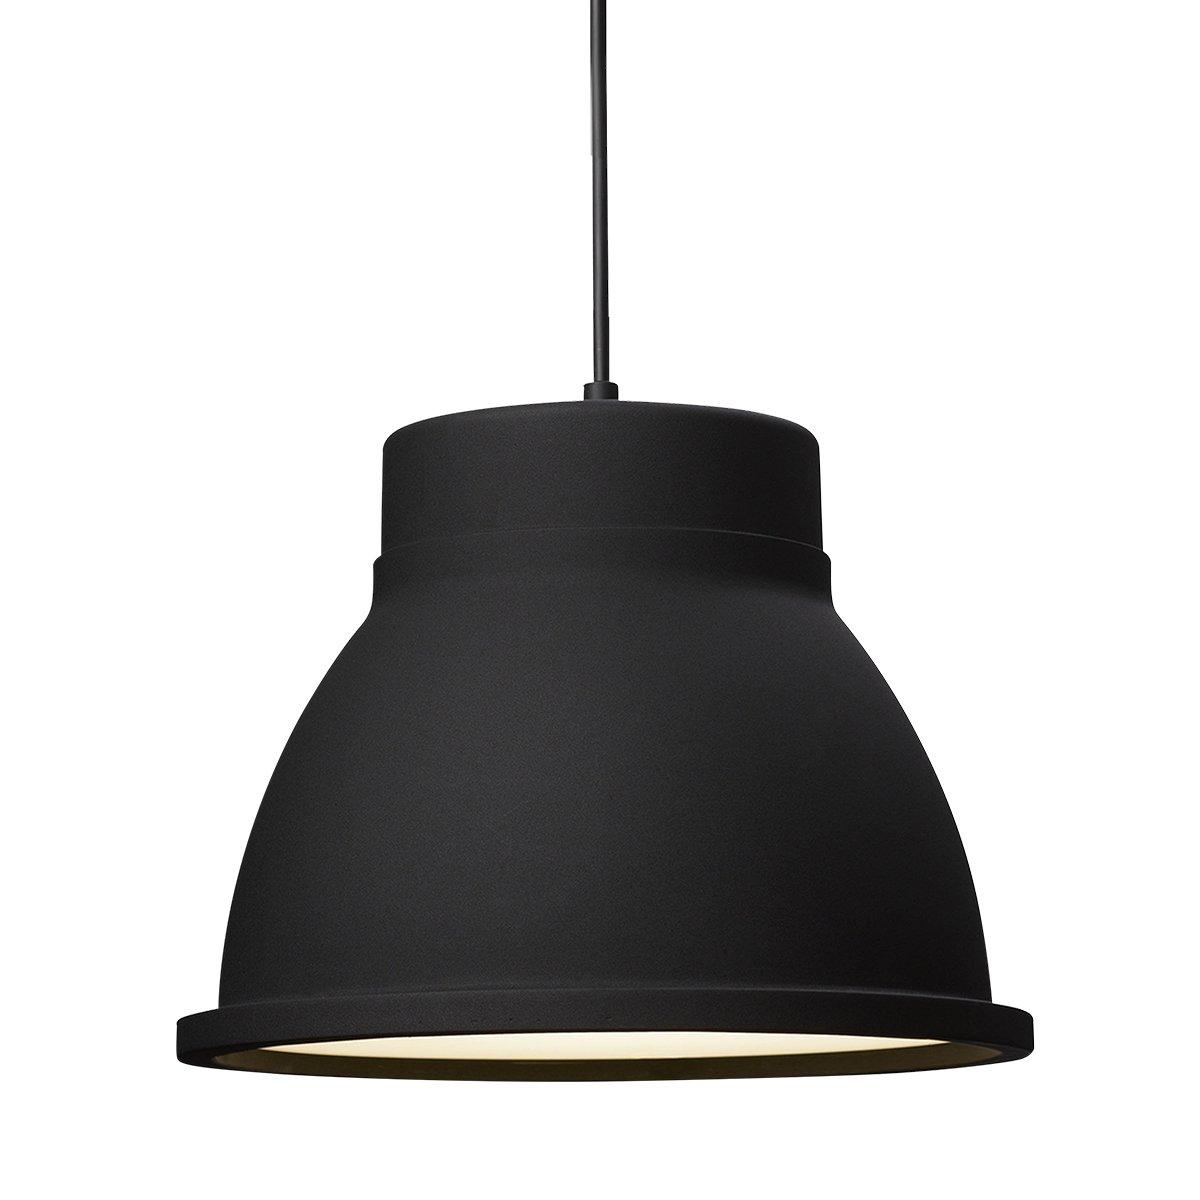 Muuto Studio Hanglamp Zwart (op=op)